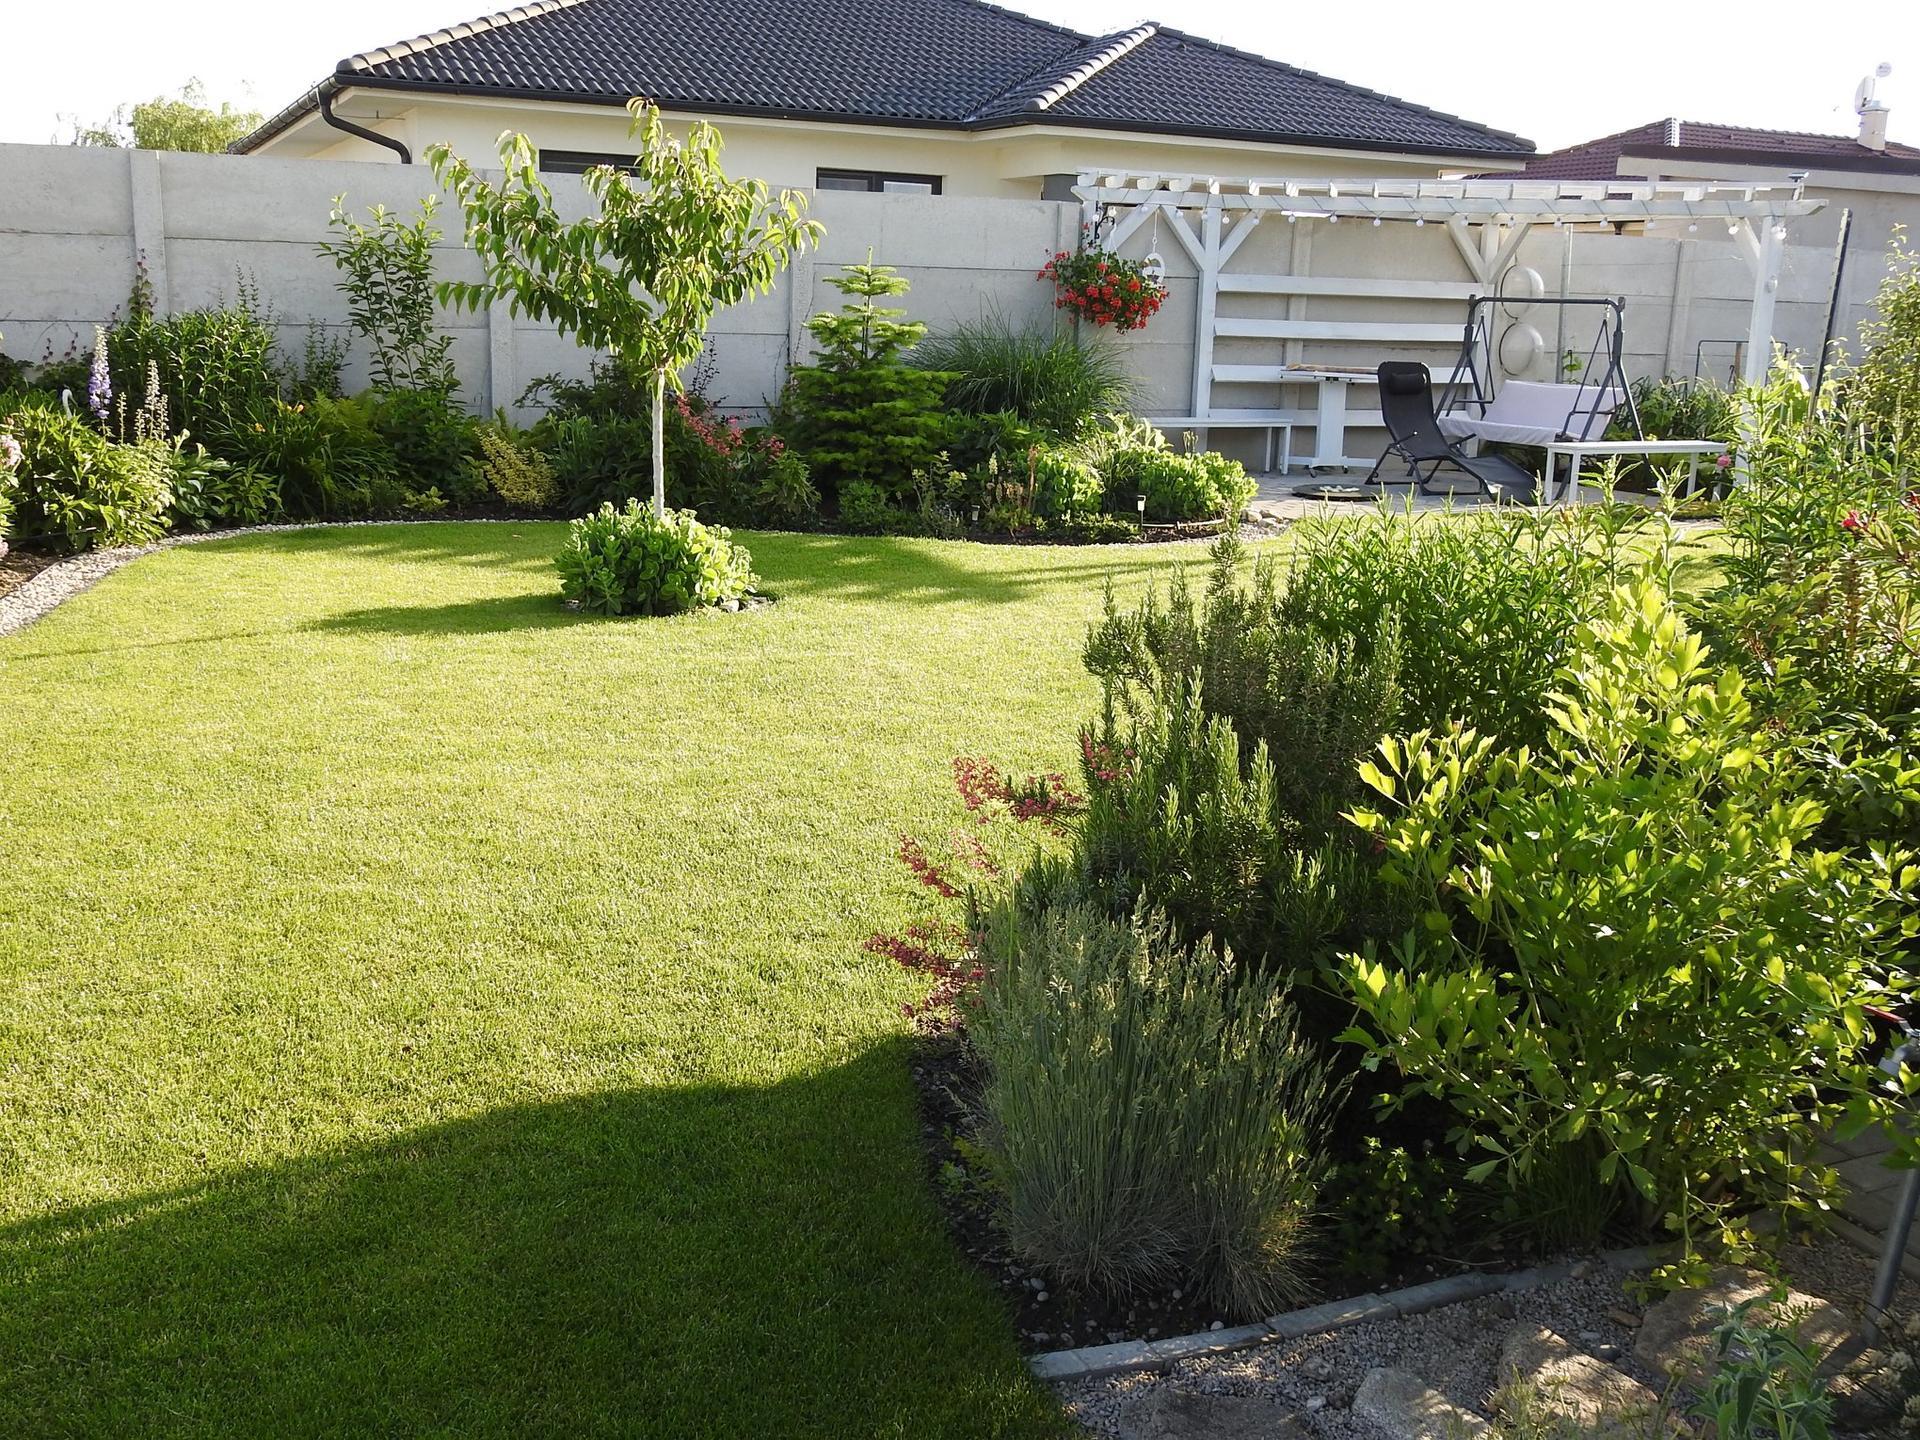 Návrh aj realizácia záhrady v mojom ponímaní - Obrázok č. 9